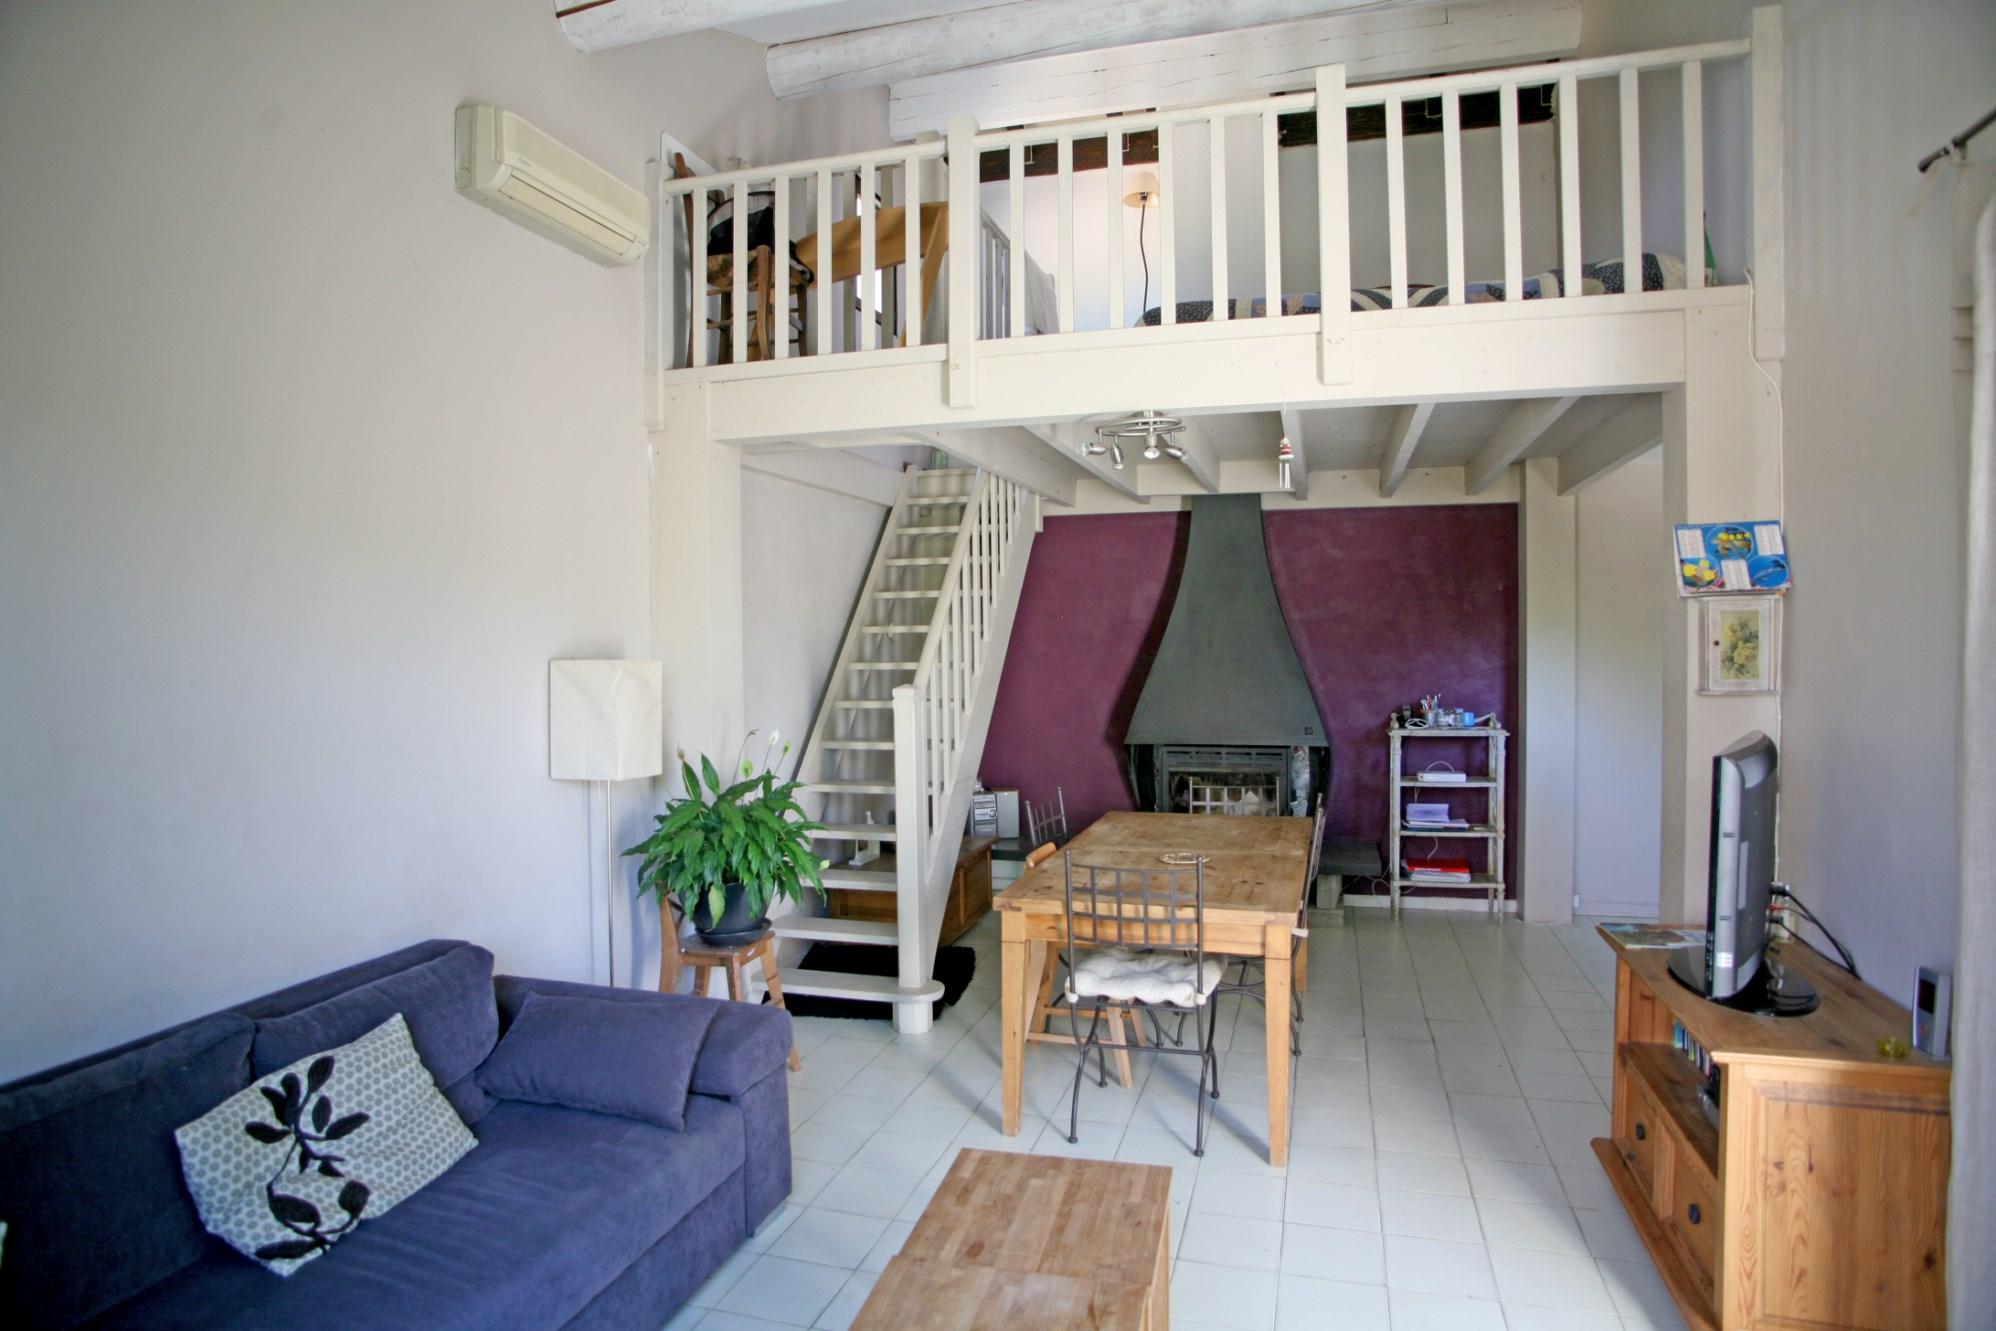 A vendre en Luberon,  maison traditionnelle  implantée sur 6000 m²